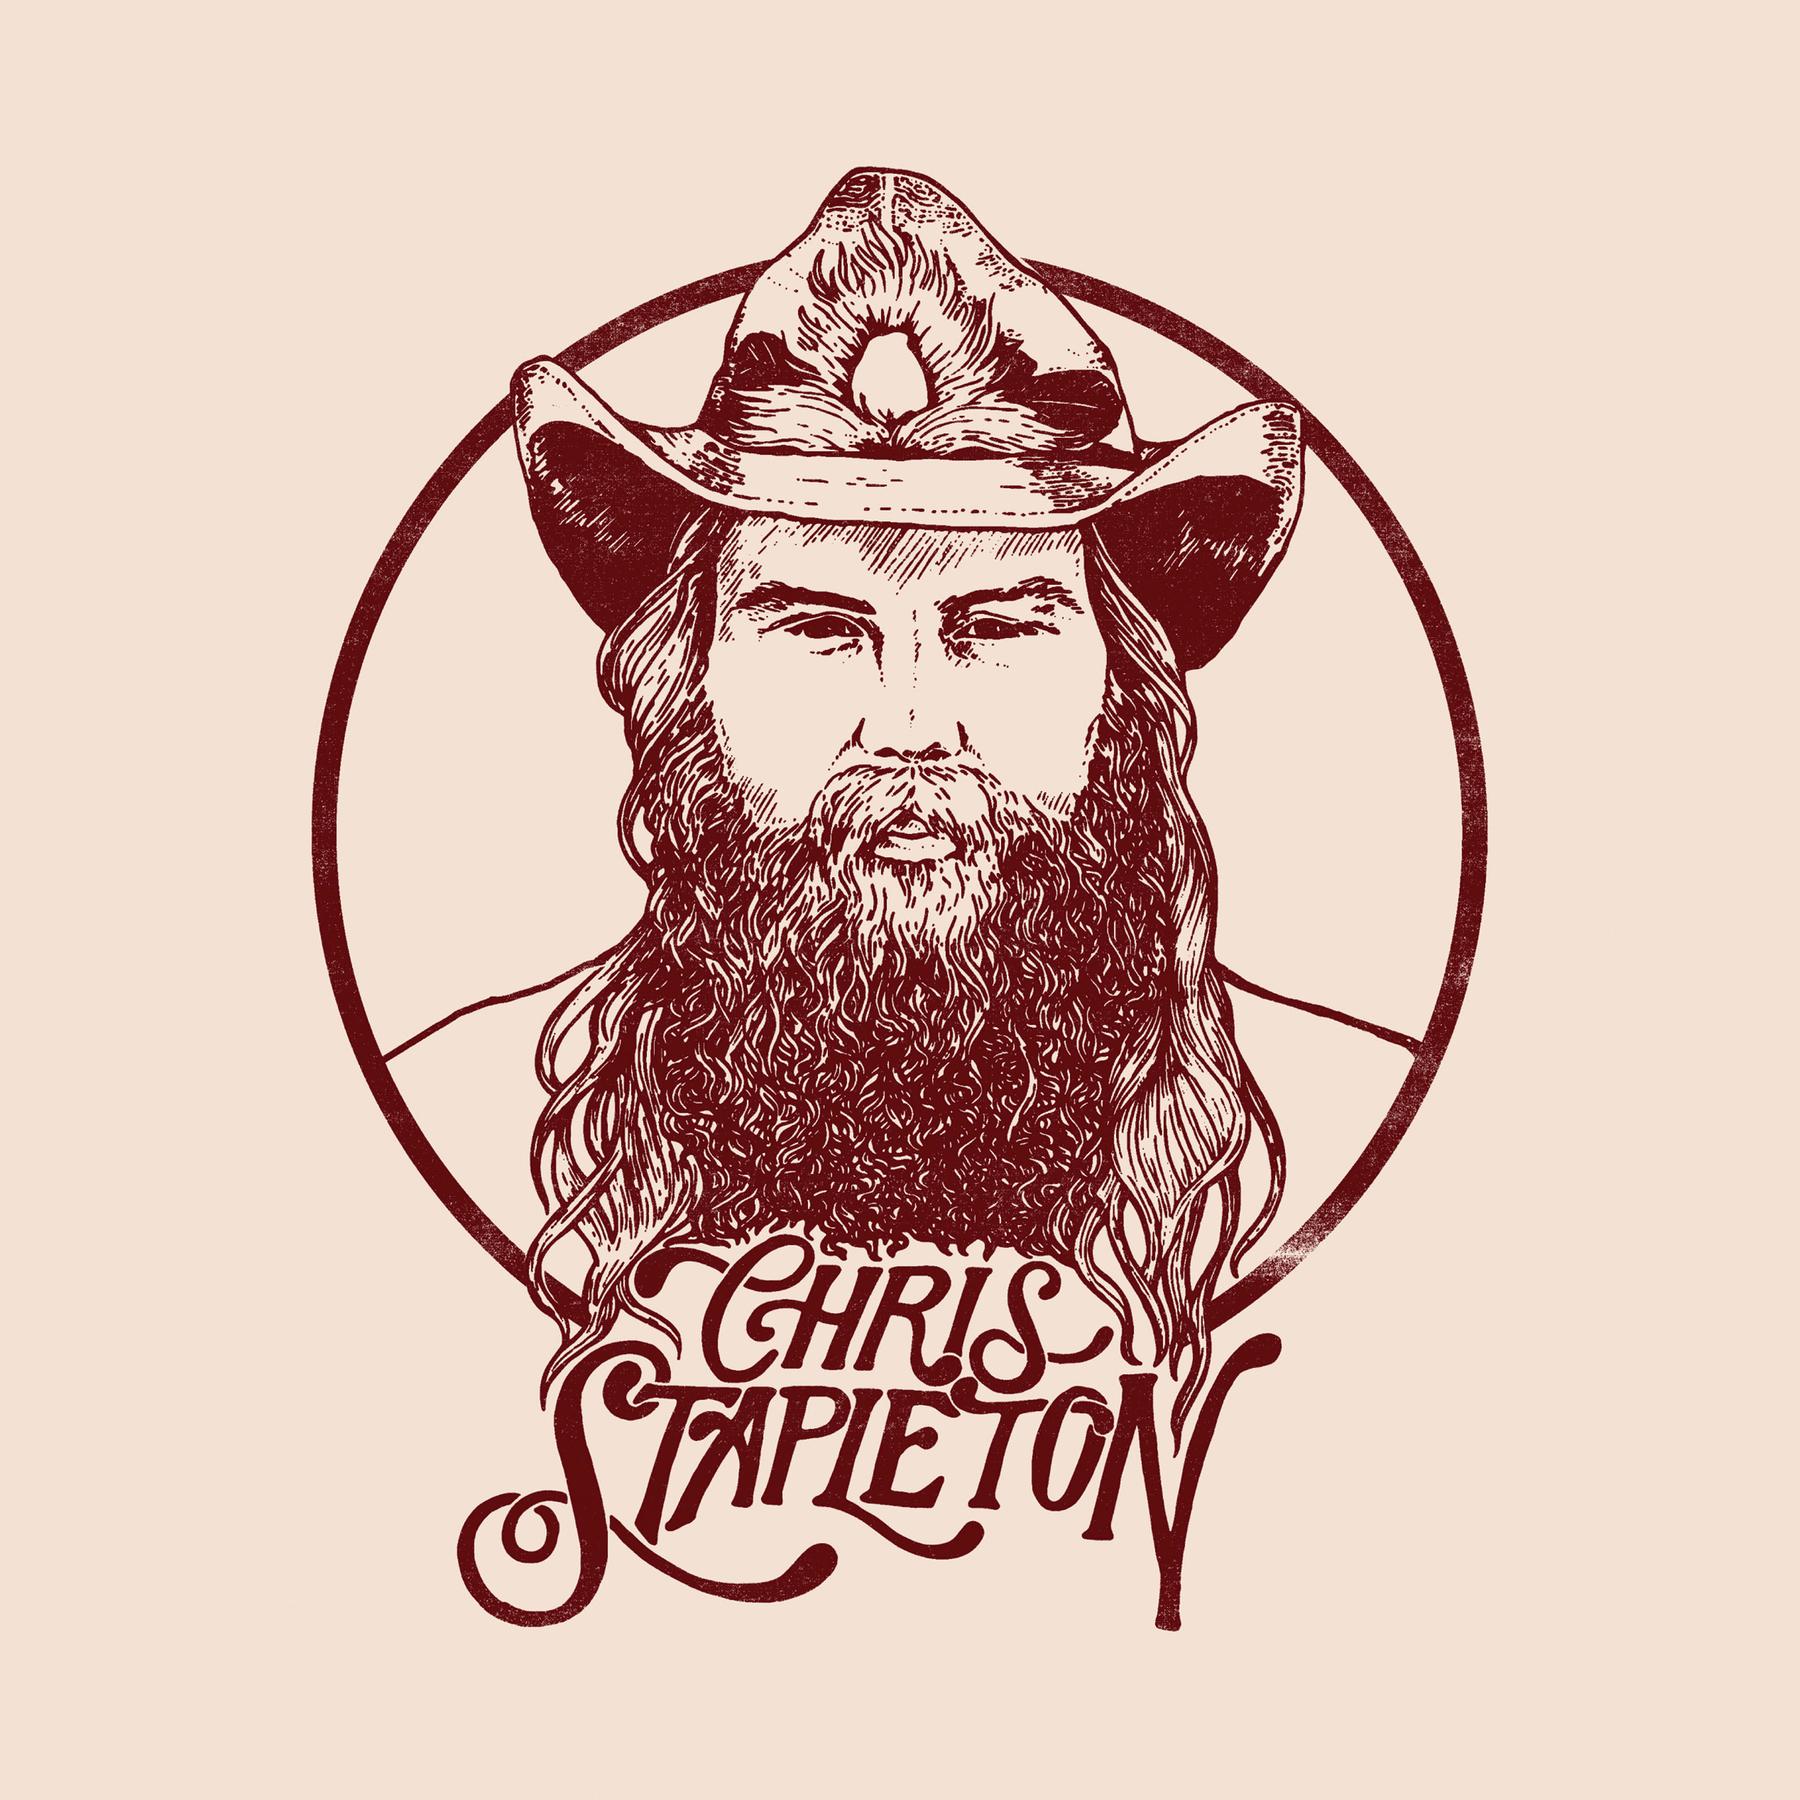 Chris Stapleton - From a Room